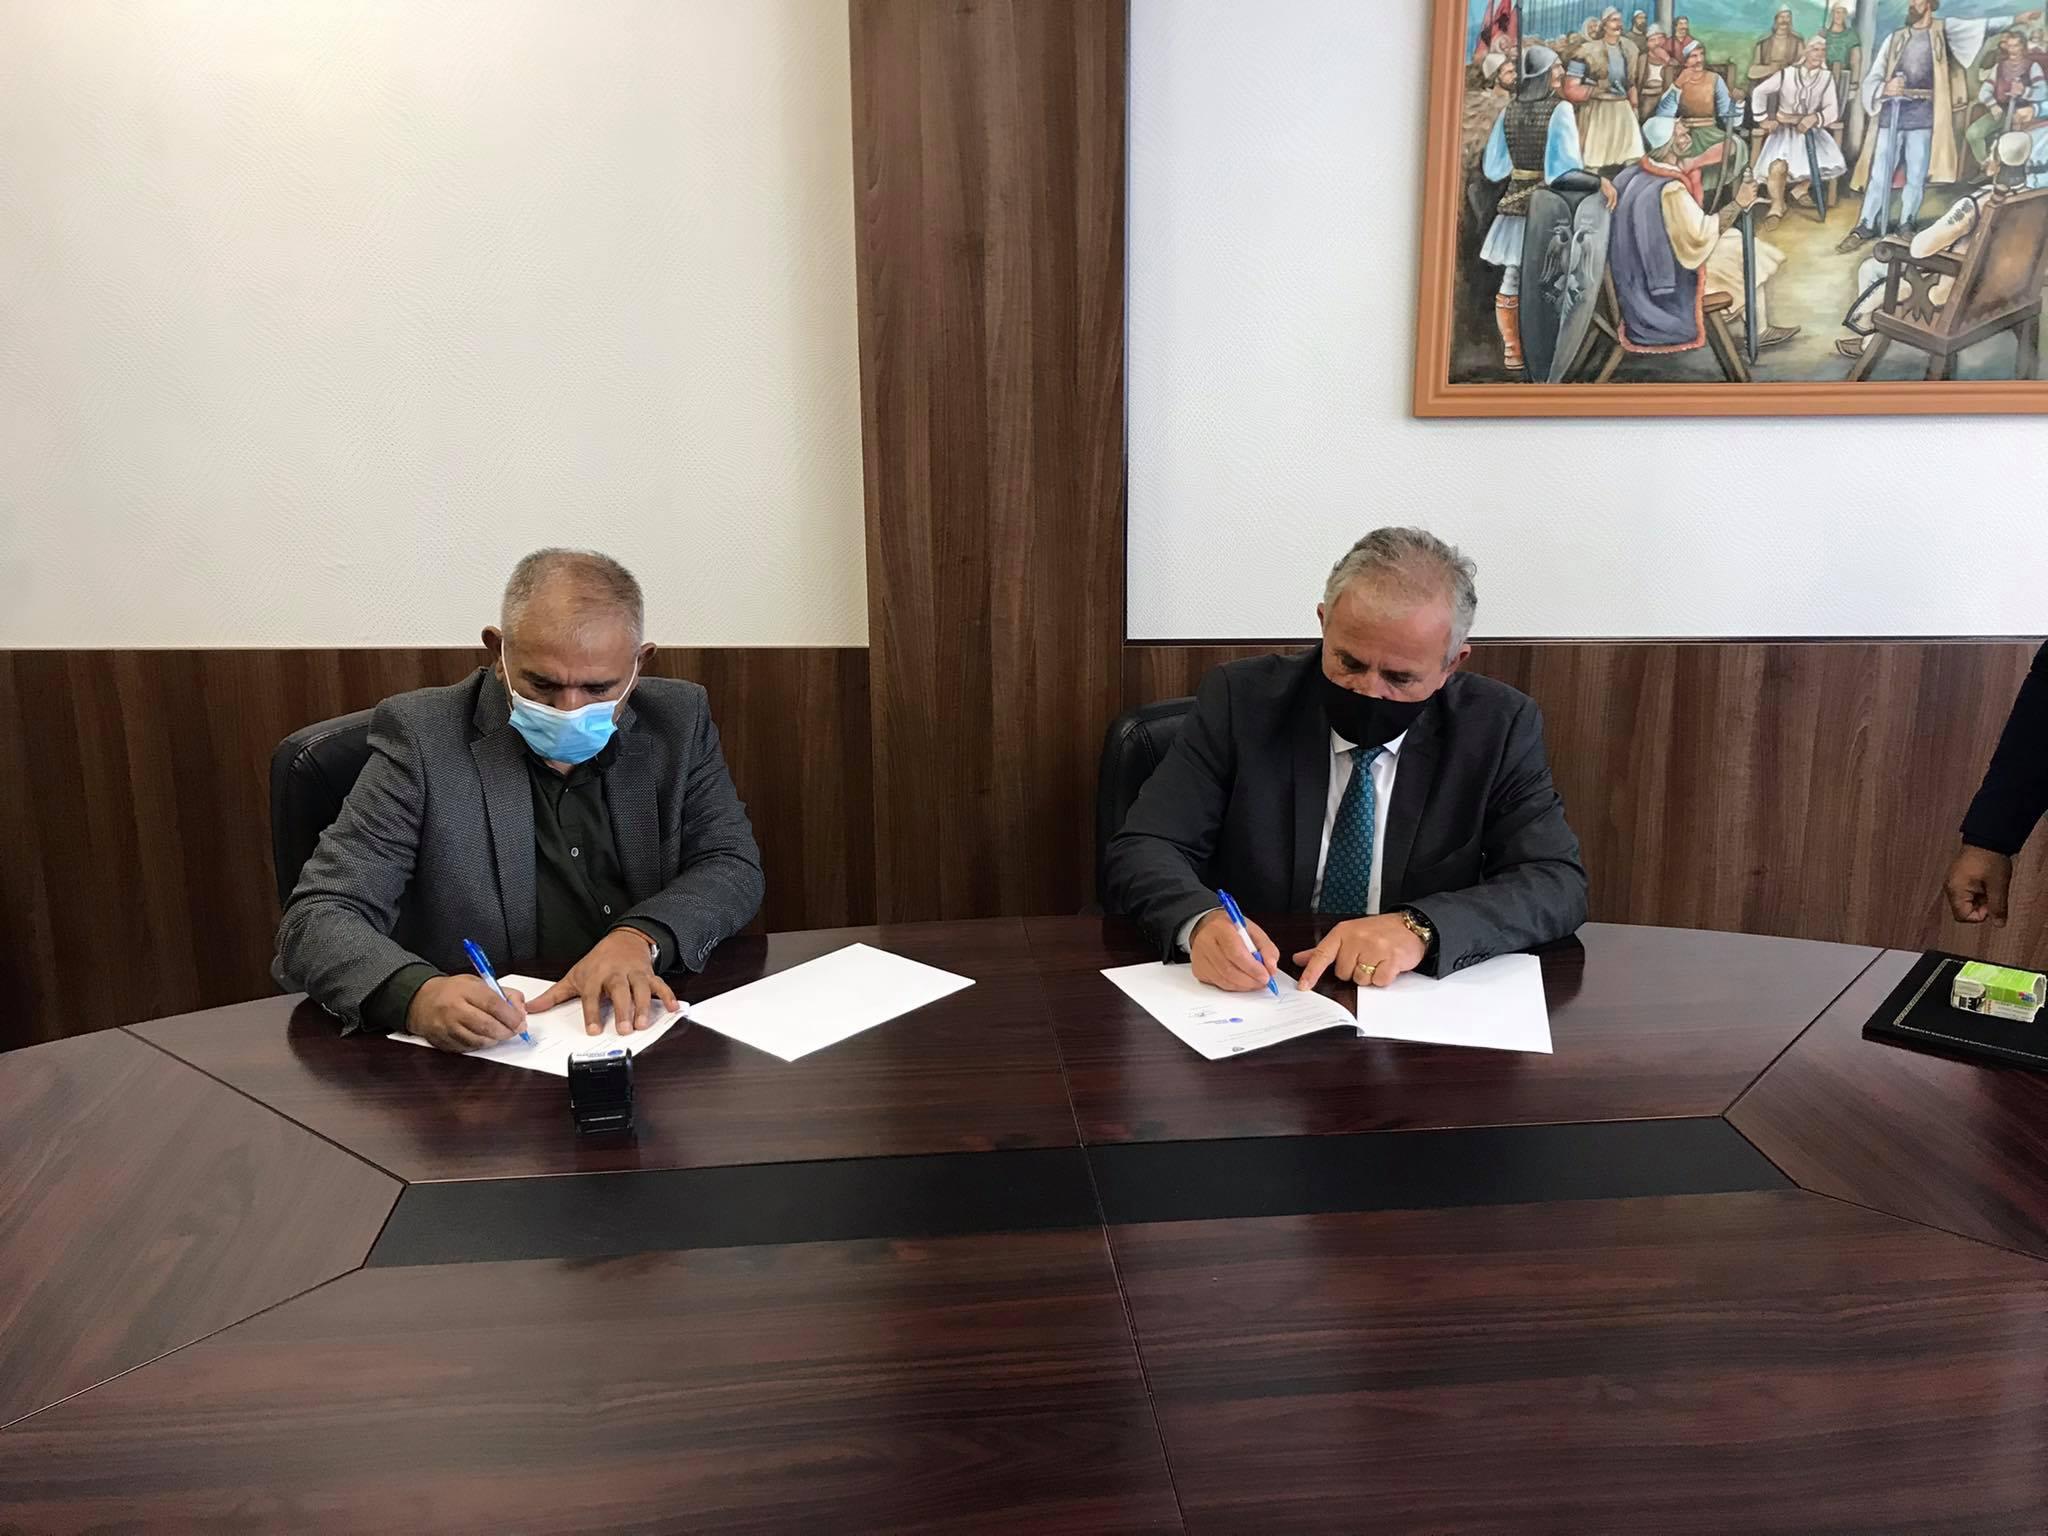 """Mirëqenia e komuniteteve, Muharremaj nënshkruan marrëveshje bashkëpunimi me OJQ """"Nevo Koncepti"""""""